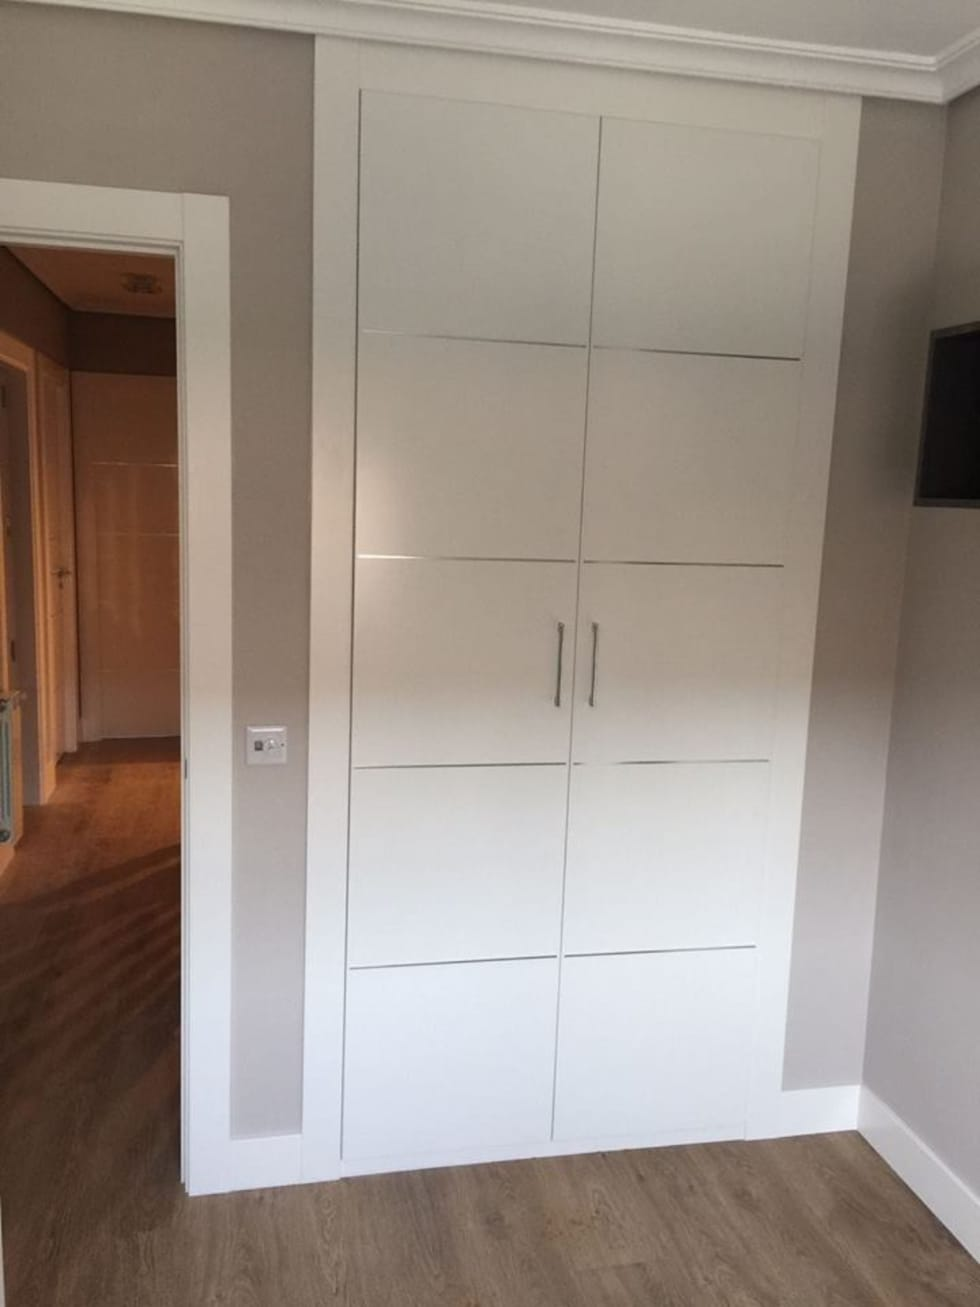 Fotos de decoraci n y dise o de interiores homify - Puertas lacadas blancas ...